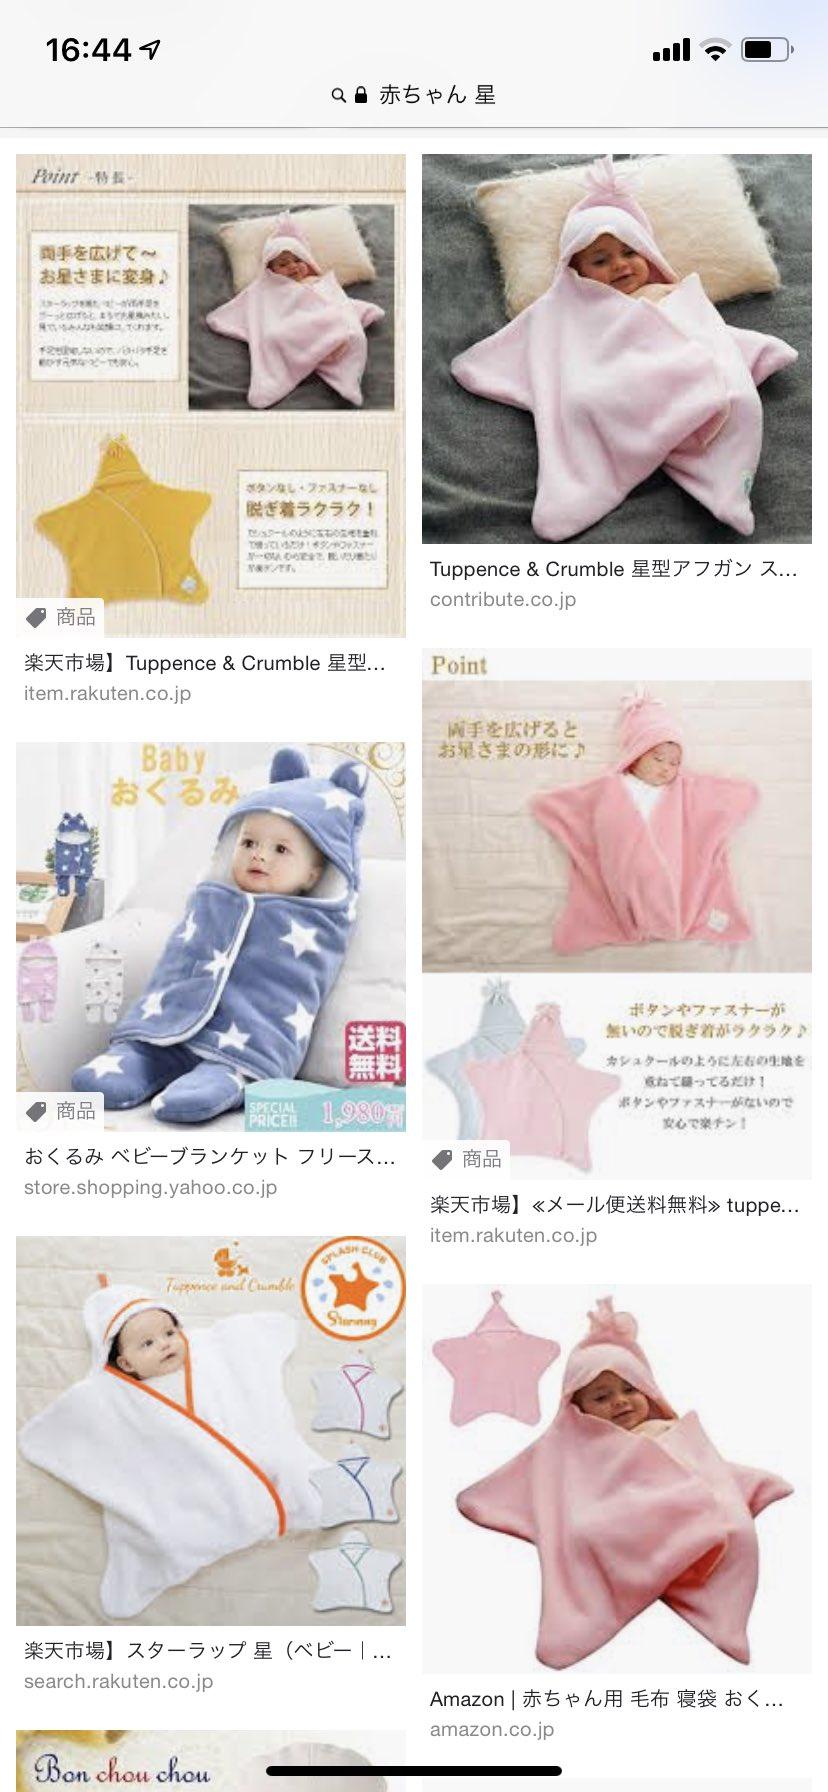 #豊かな人生を送るためにオススメの画像検索ワード 「赤ちゃん 星」